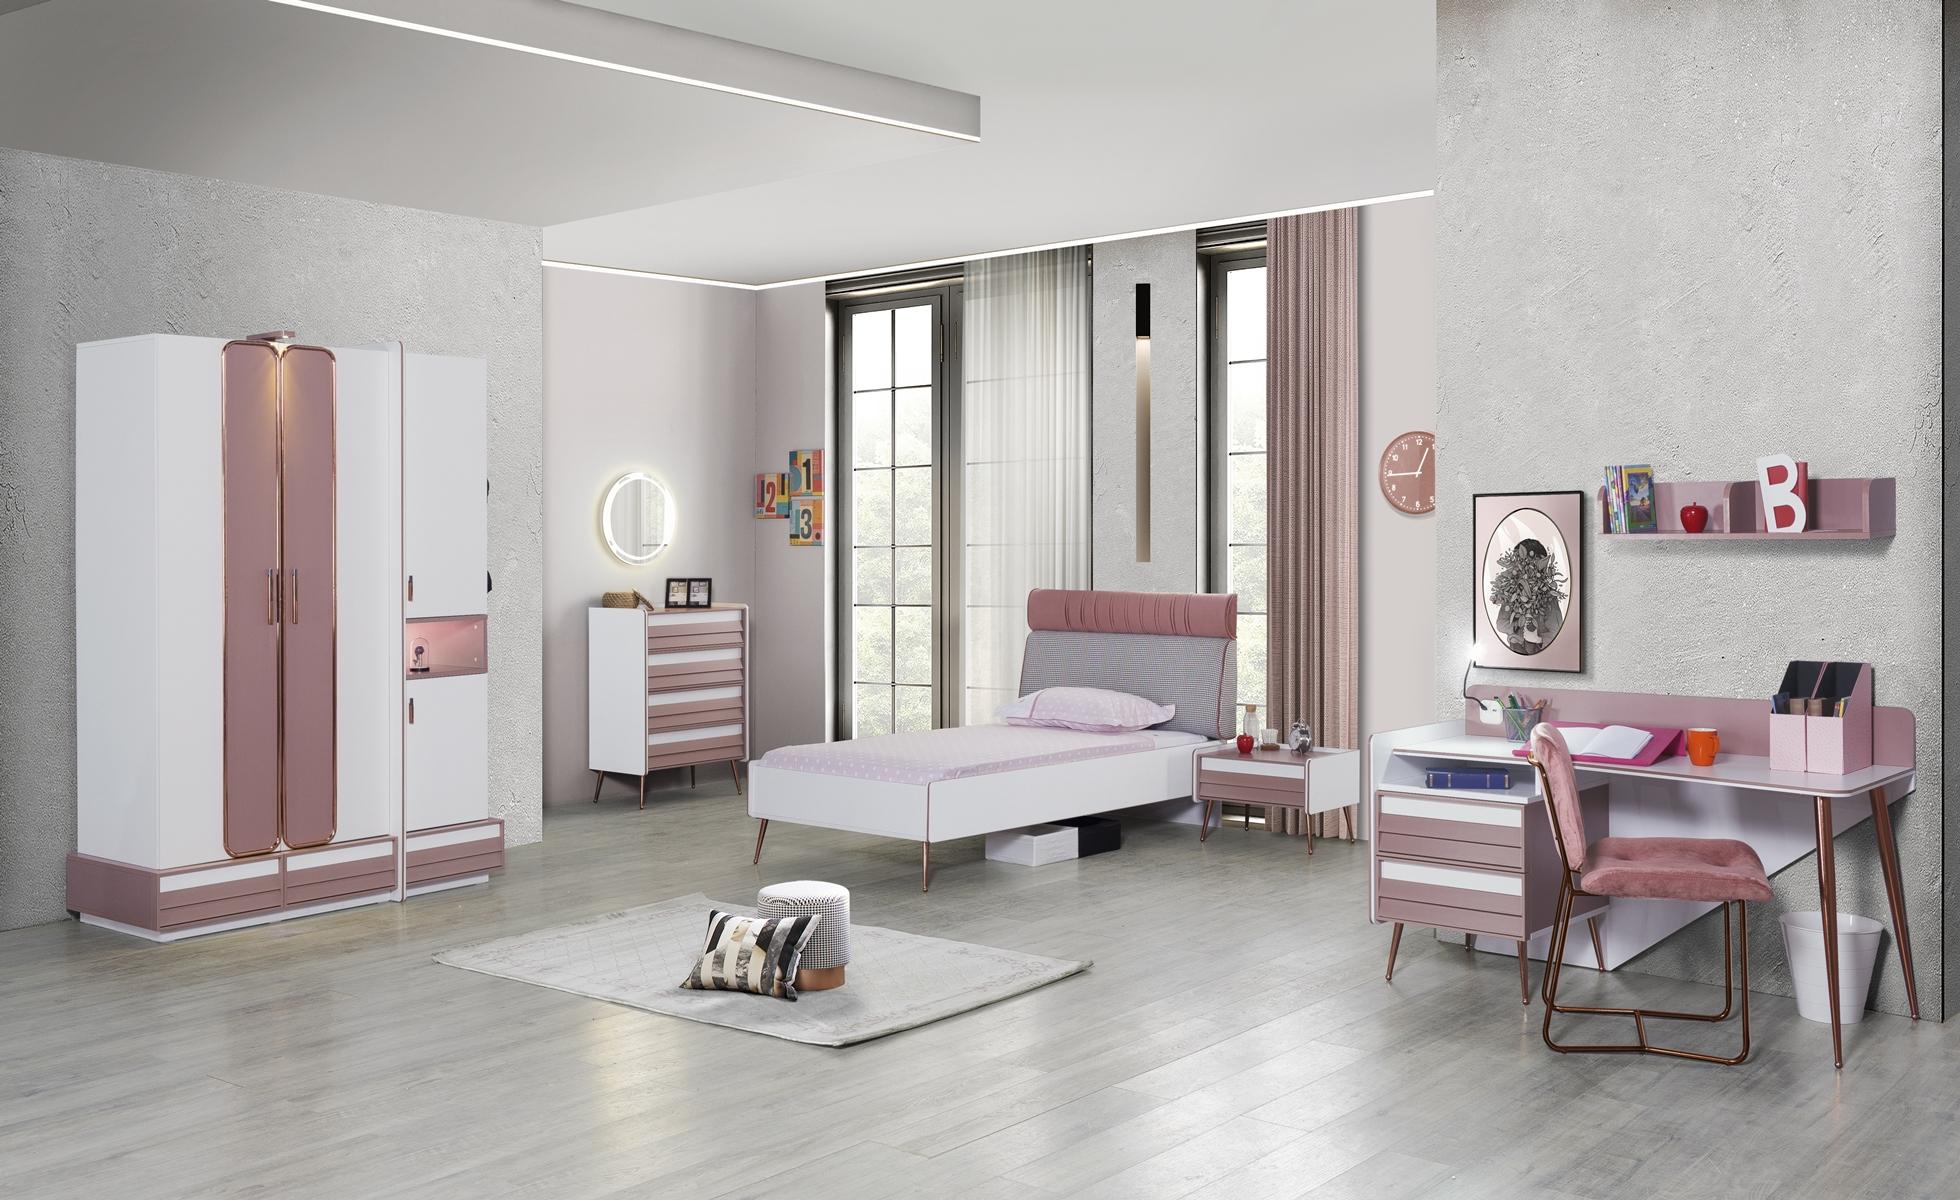 Titi Jugendzimmer Rosi 6-teilig mit Jugendbett 100x200